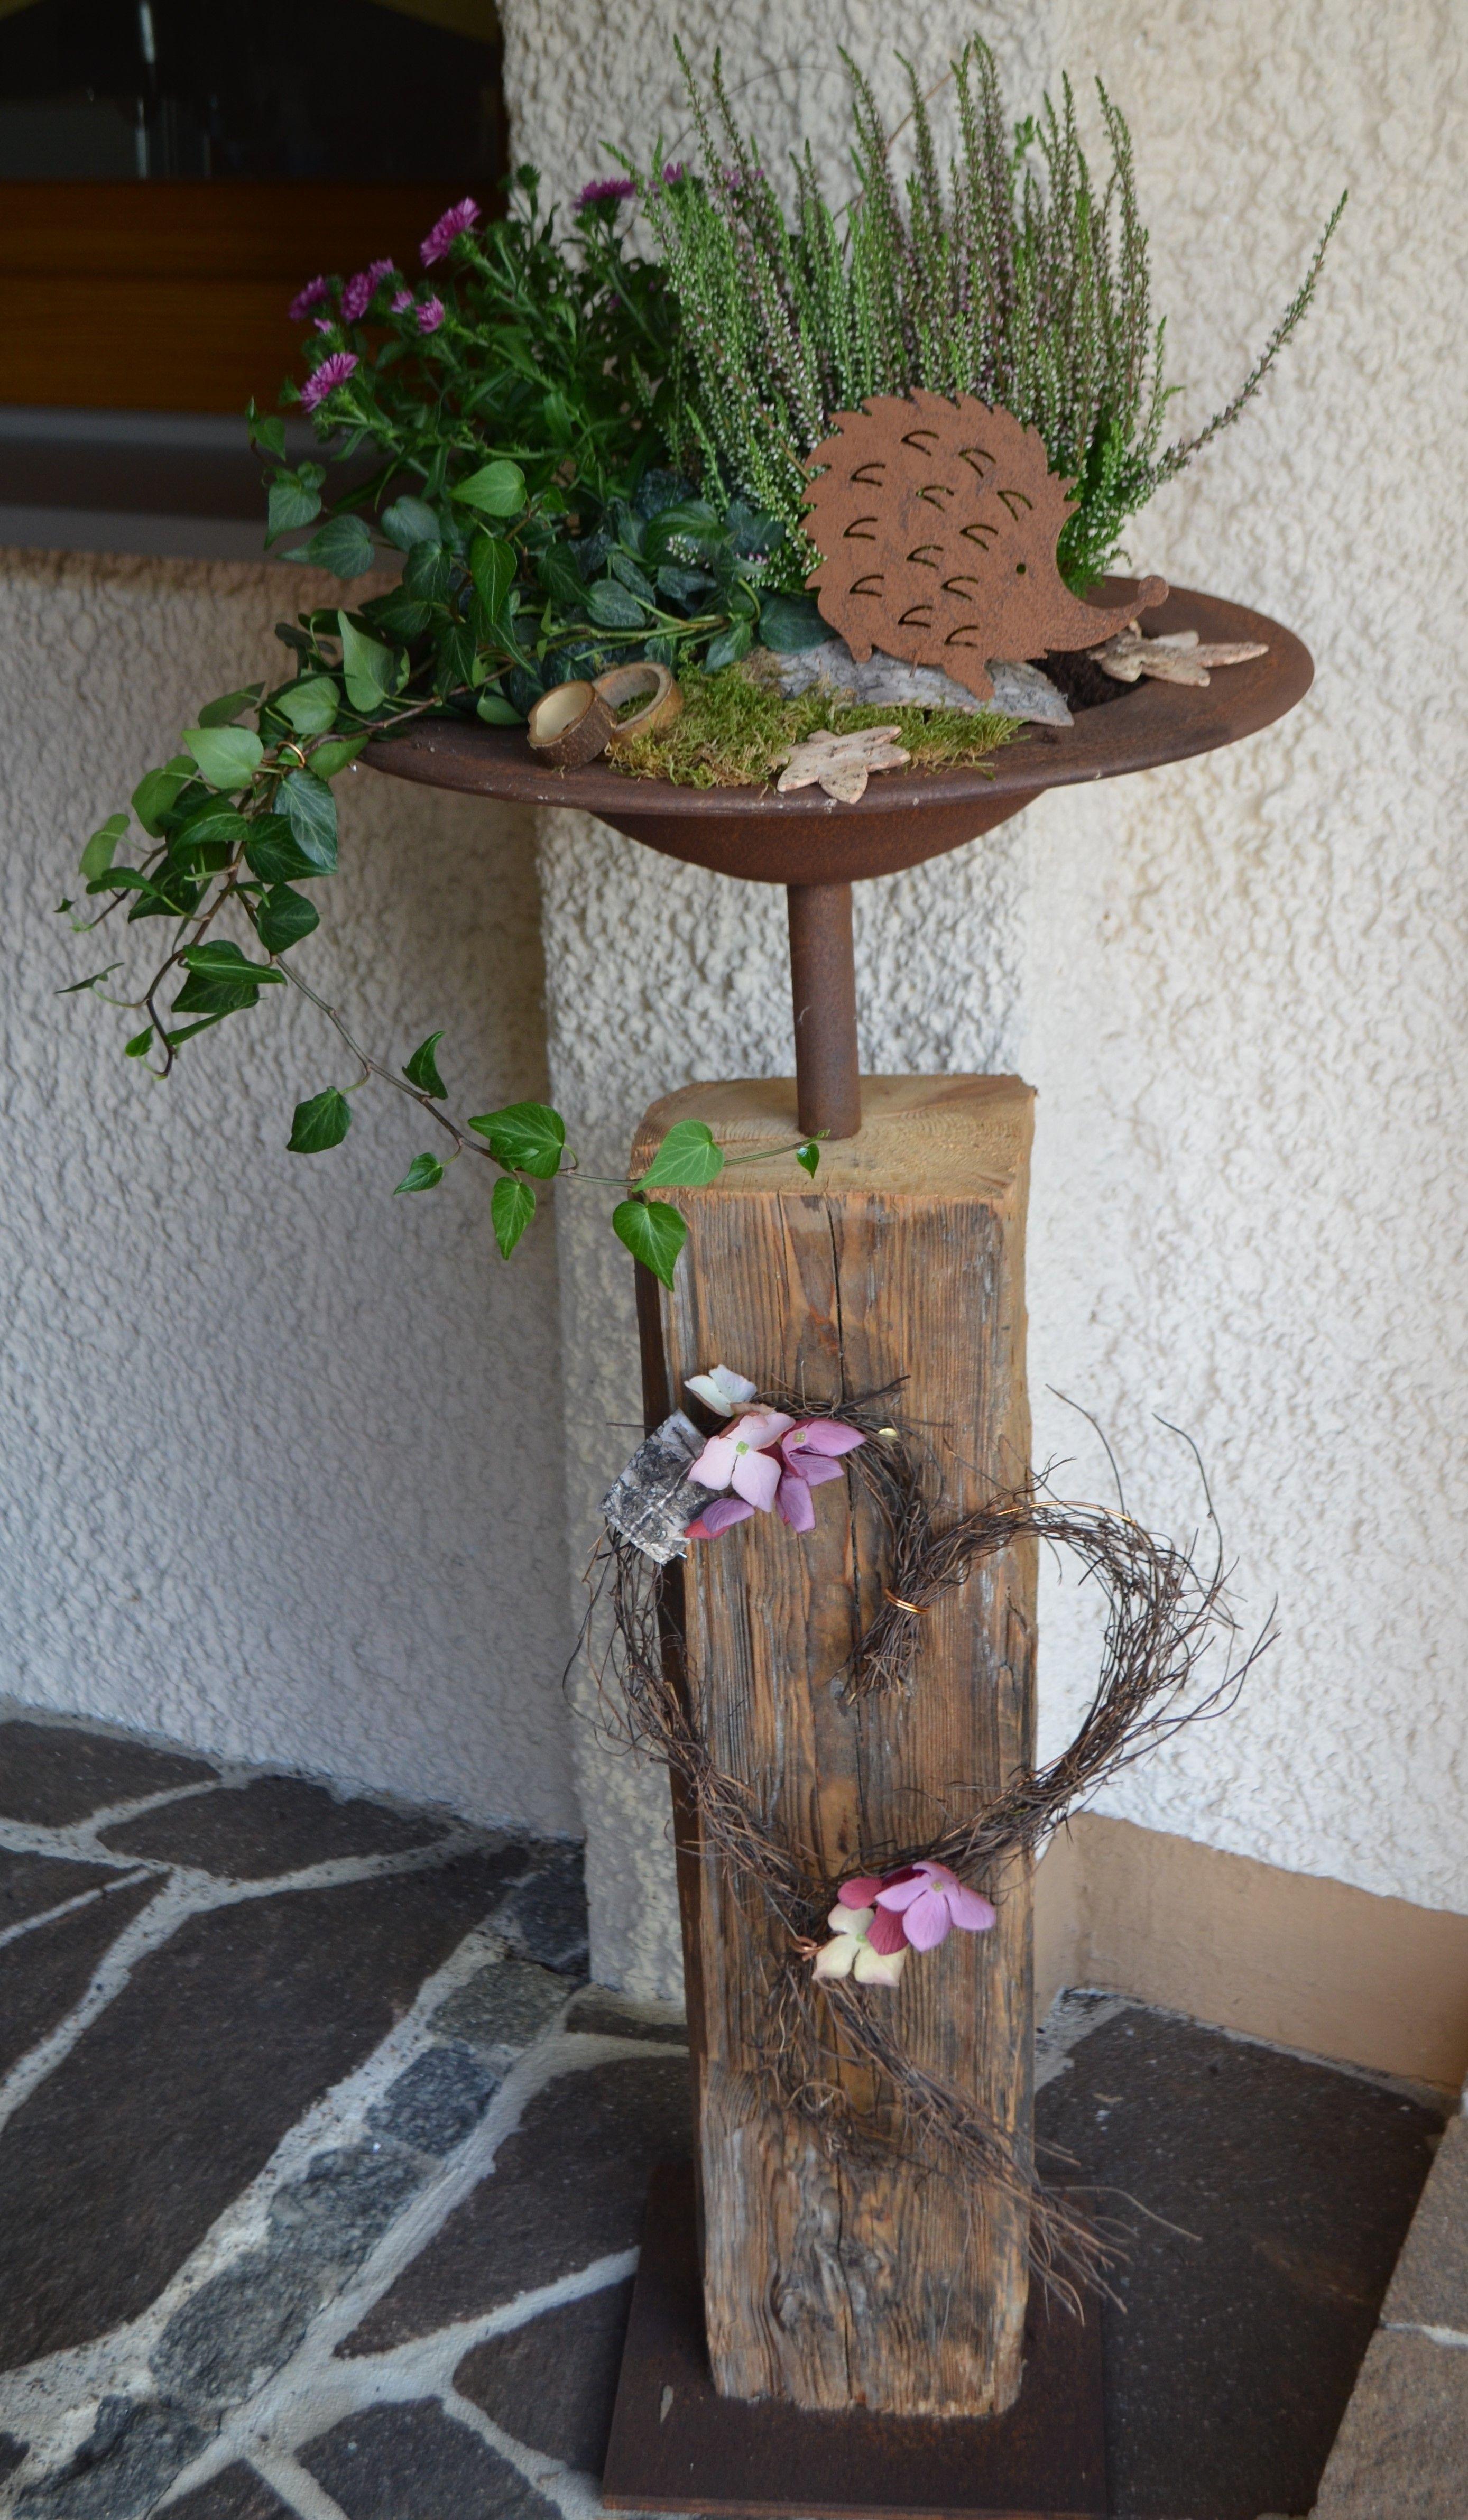 altholz alter holzbalken mit edelrost schale, herbstlich dekoriert